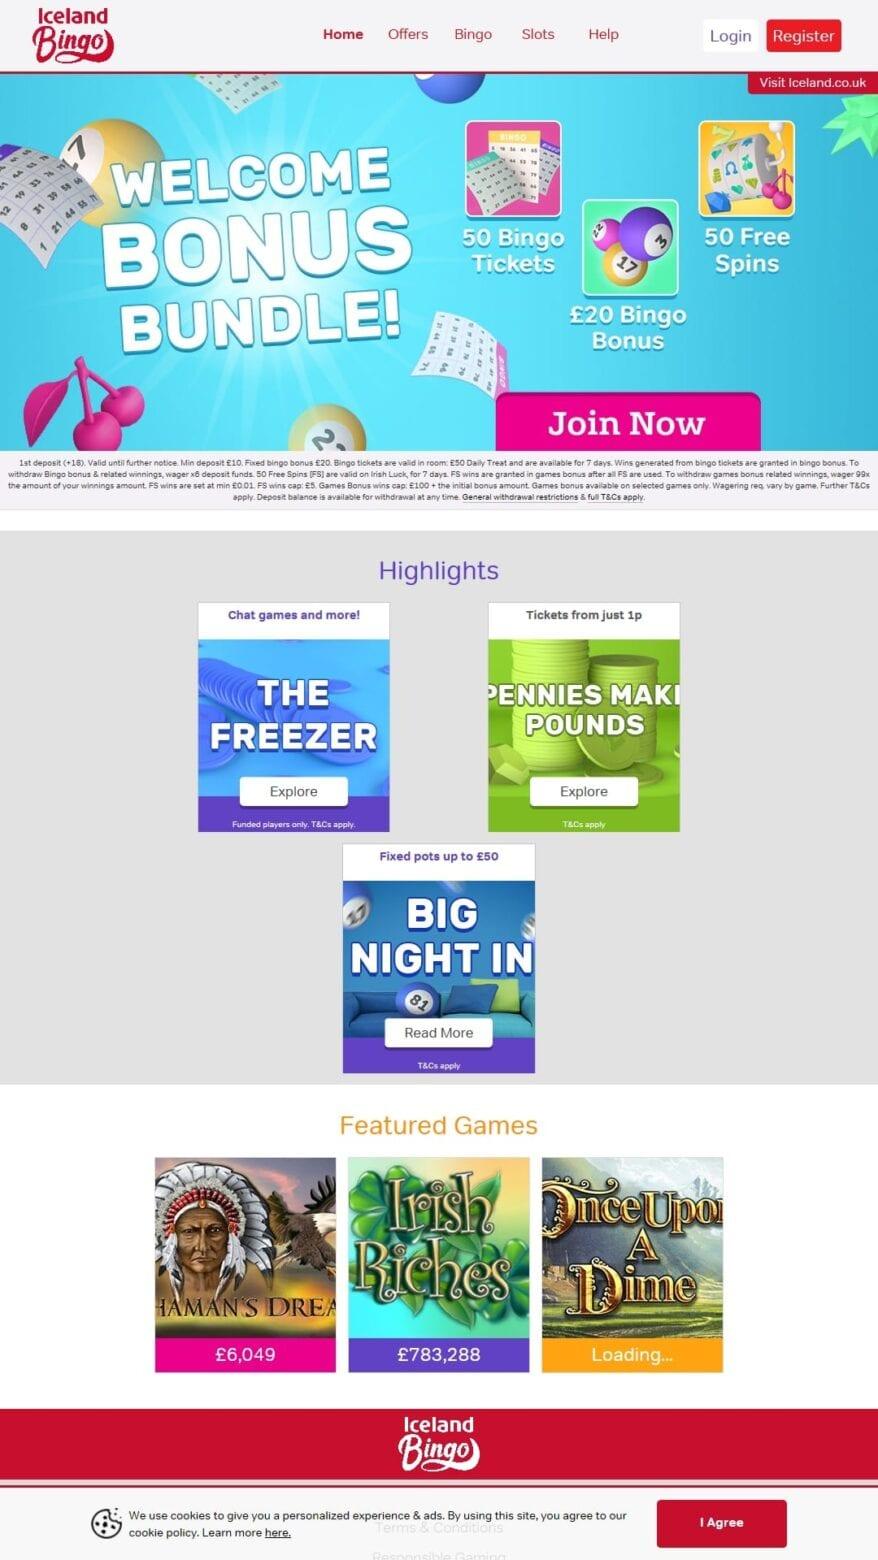 game bingoiceland.com